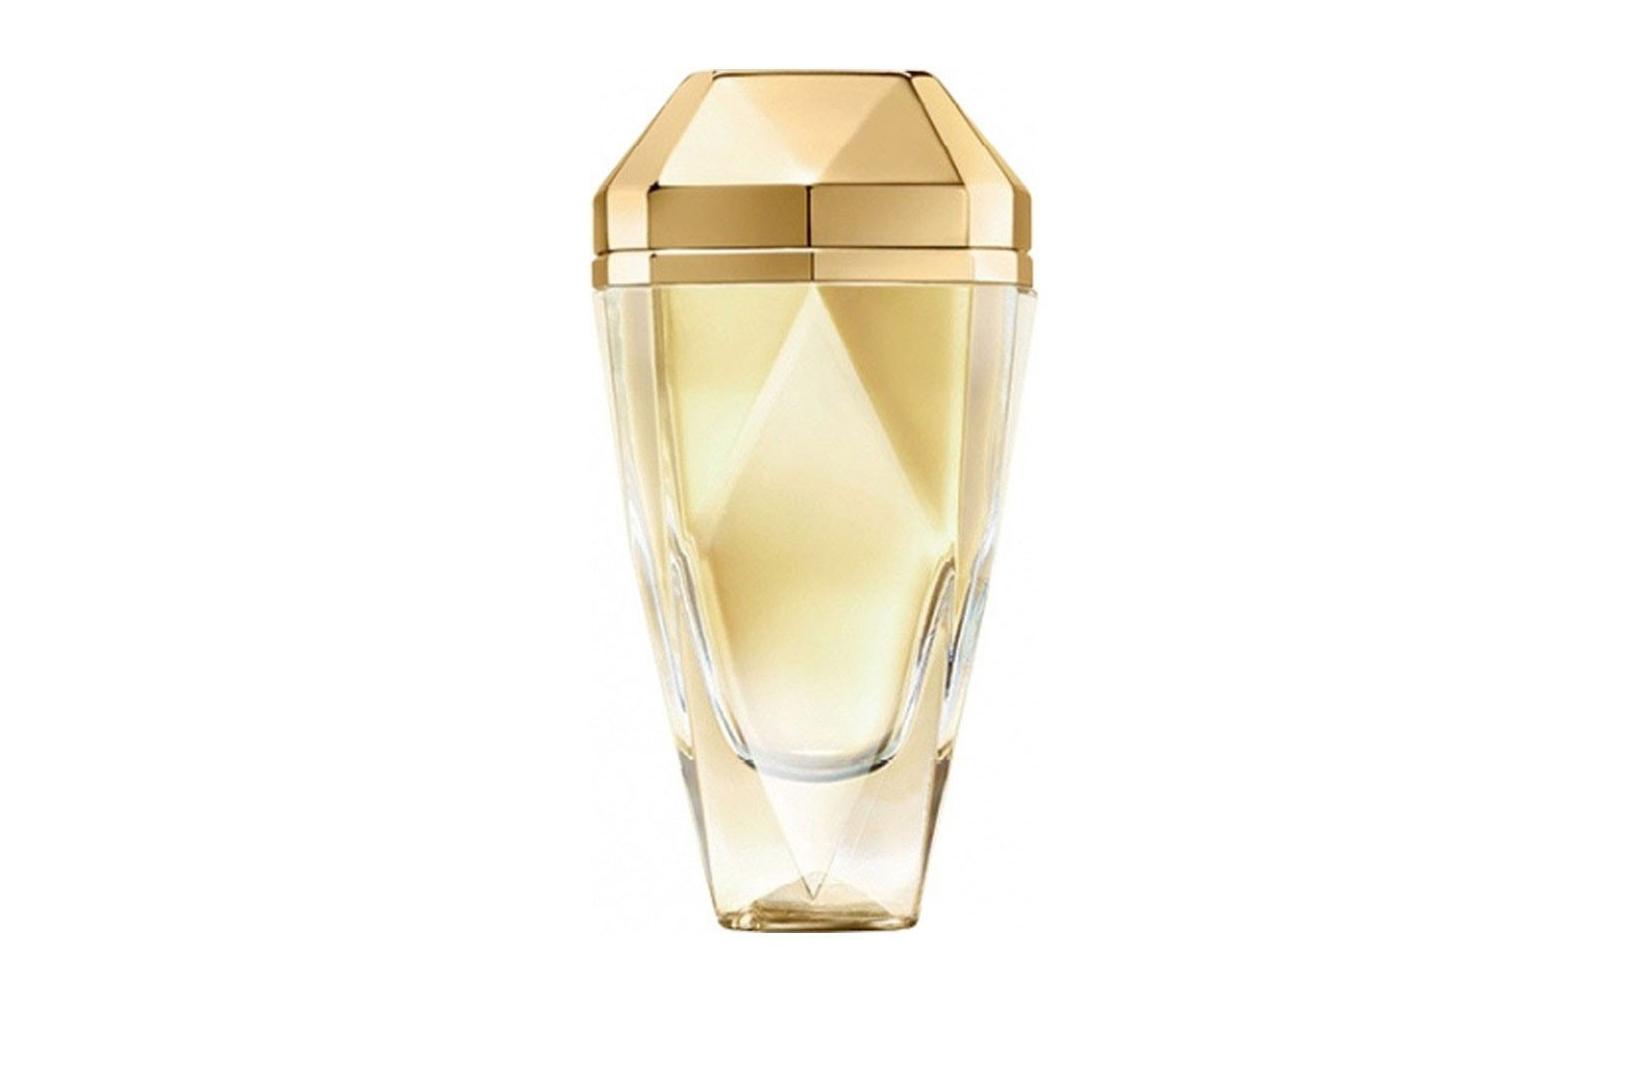 После оригинального аромата Lady Million (2010), а также версий Lady Million Eau de Toilette (2012) и Lady Million Absolutely Gold (2012) Paco Rabanne запускает новое издание коллекции Lady Million. Lady Million Eau My Gold появится в продаже весной 2014 и заменит собой на рынке версию Eau de Toilette.